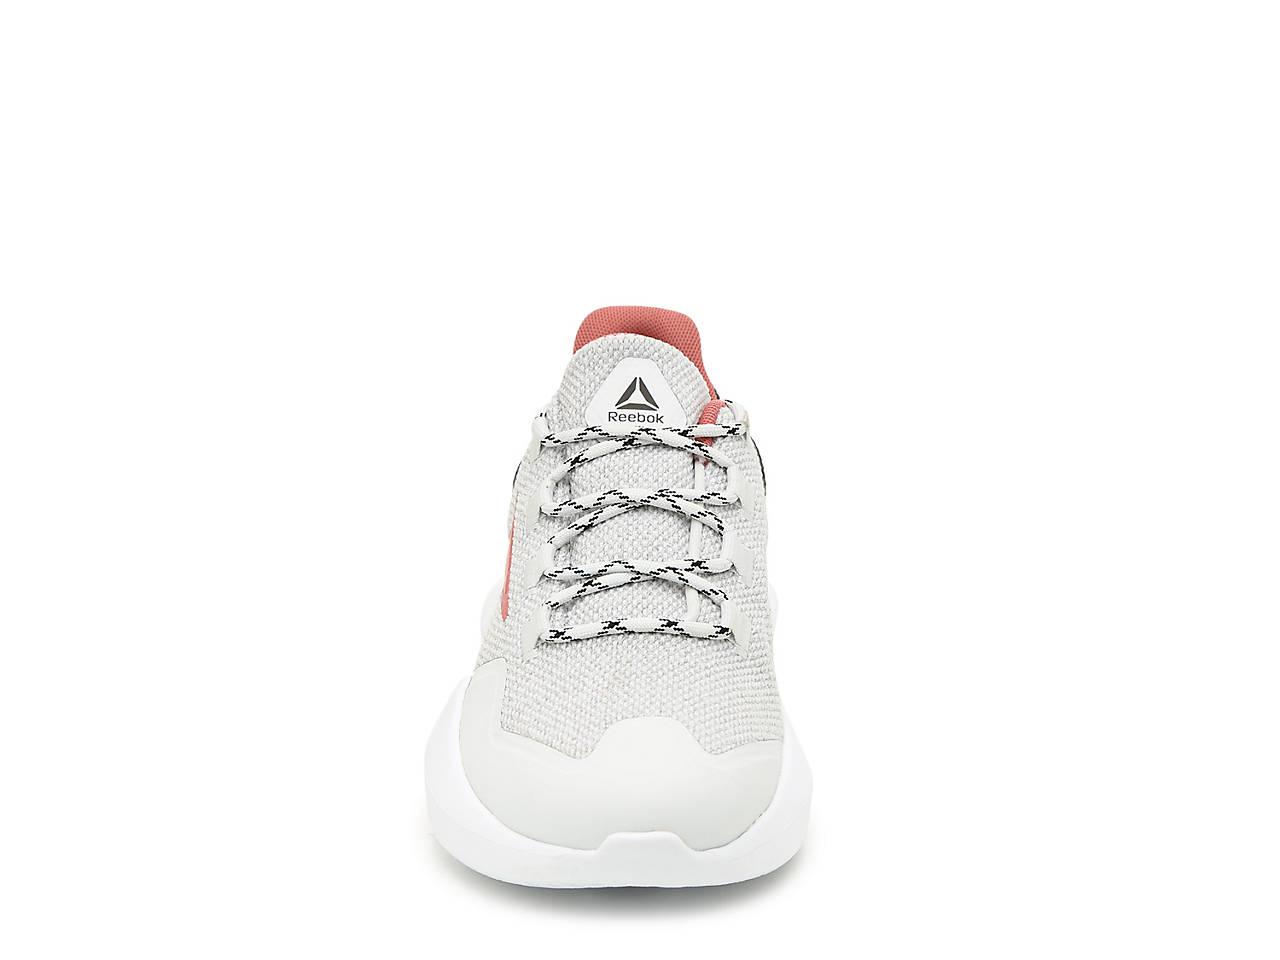 921b2a932aa Reebok Split Fuel Ex Sneaker - Women s Women s Shoes